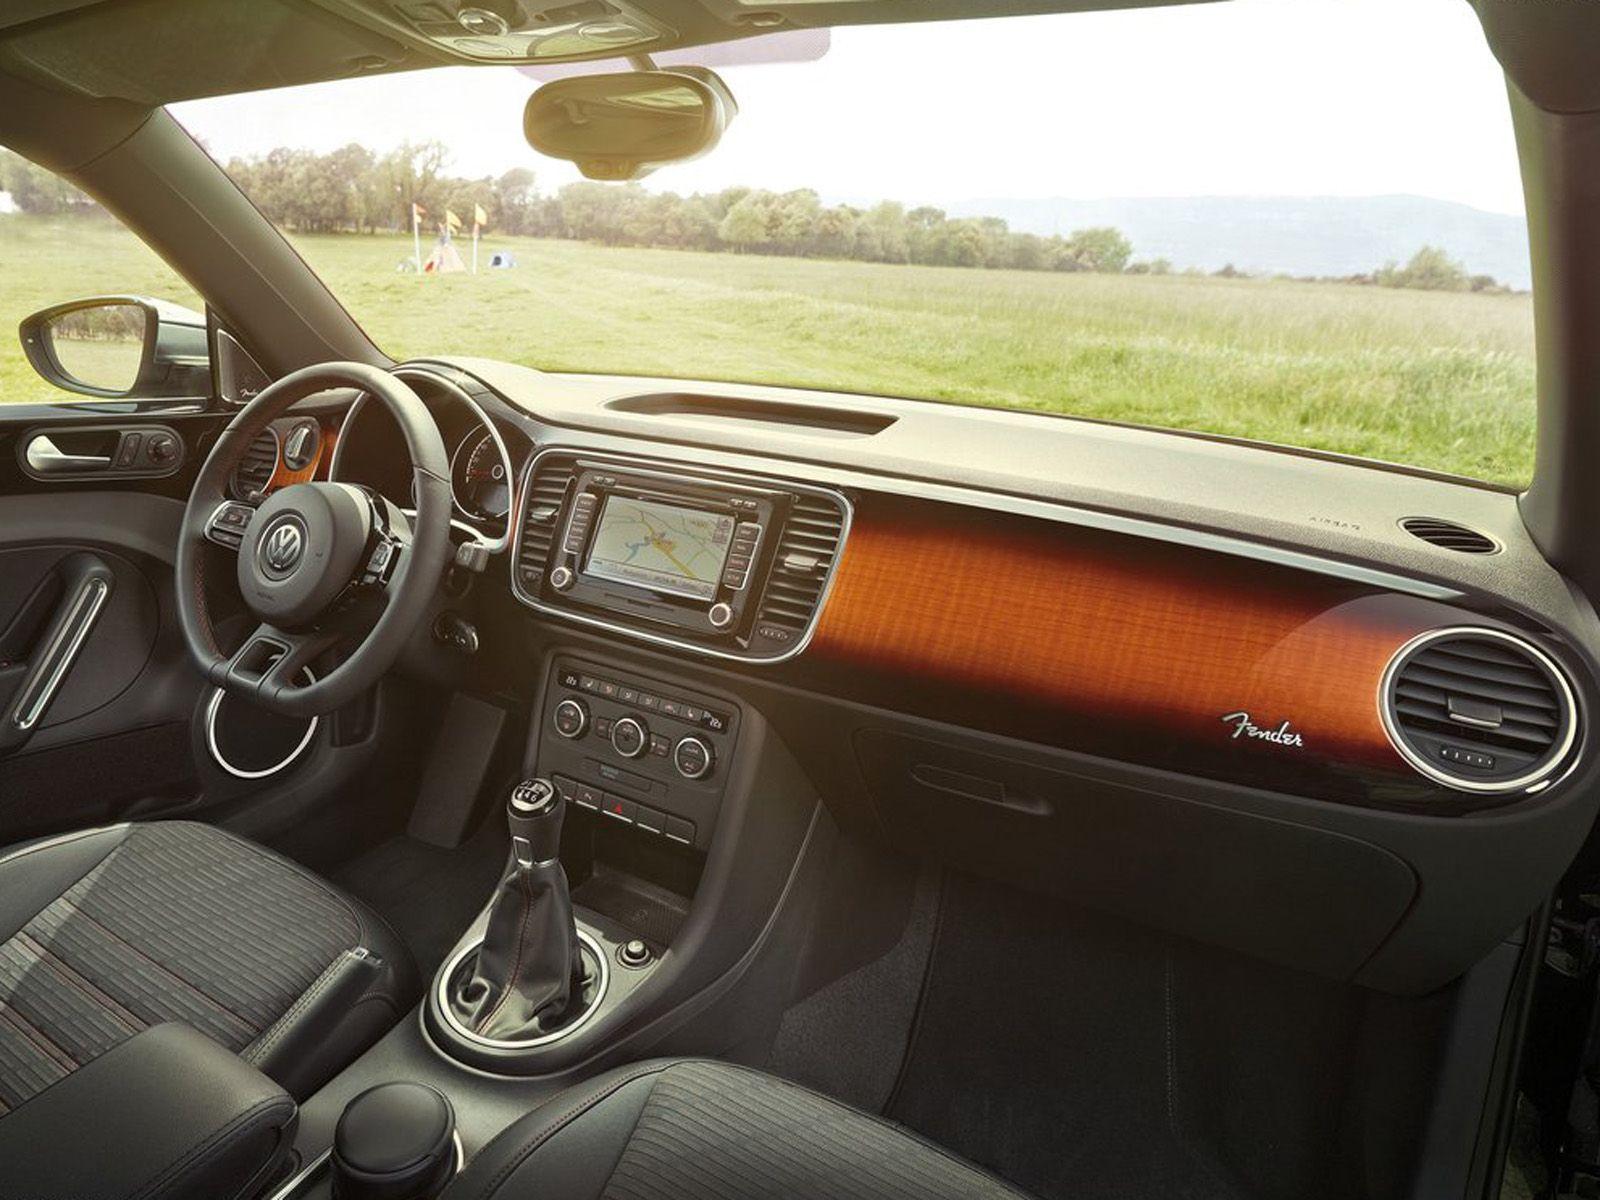 2013 volkswagen beetle fender edition interior